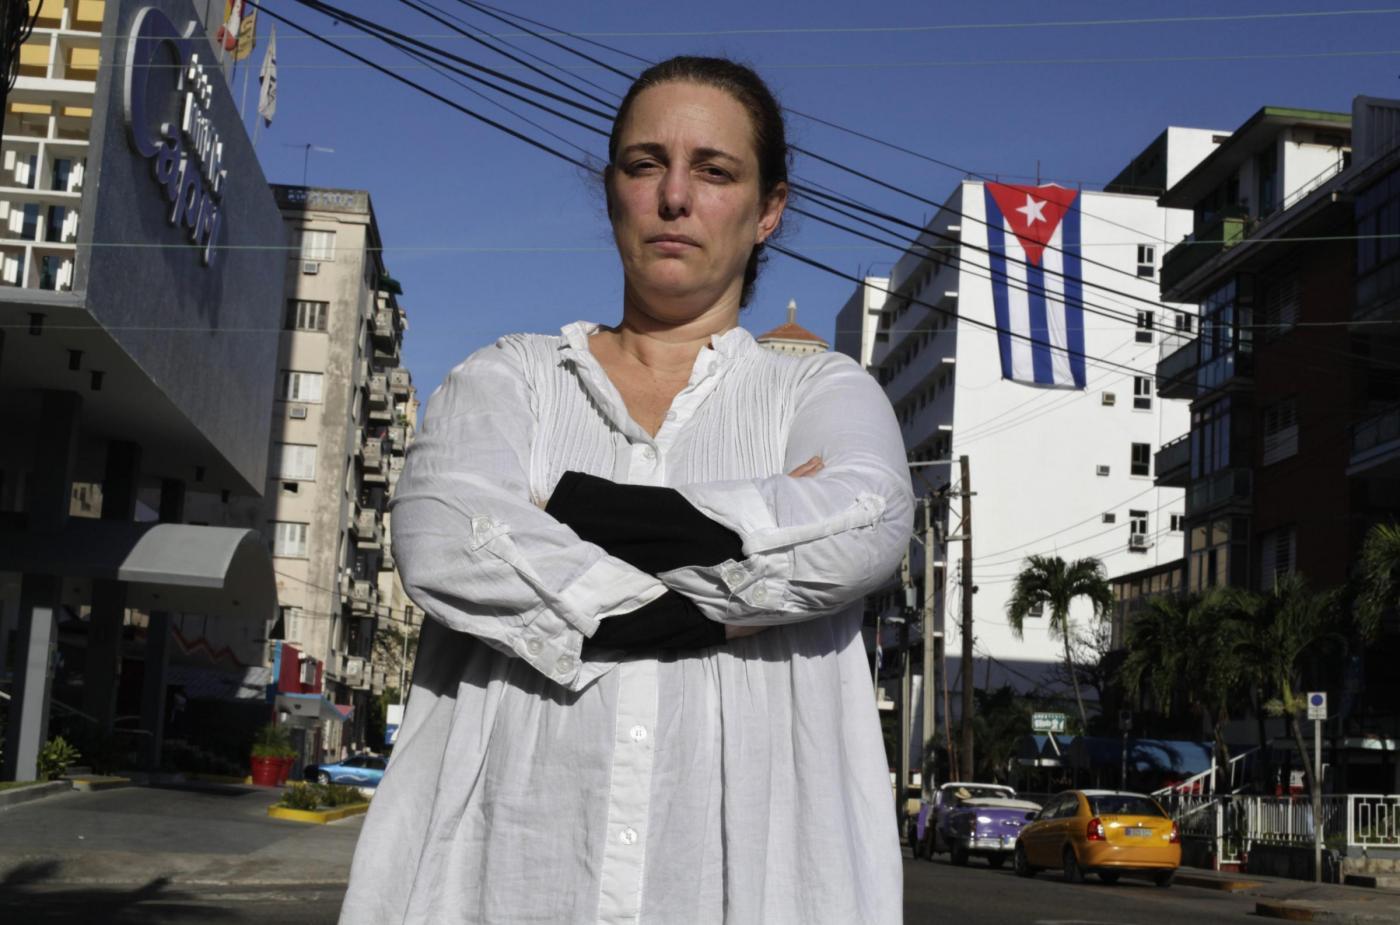 L'artista e attivista Tania Bruguera ha lasciato Cuba in cambio del rilascio di alcuni prigionieri